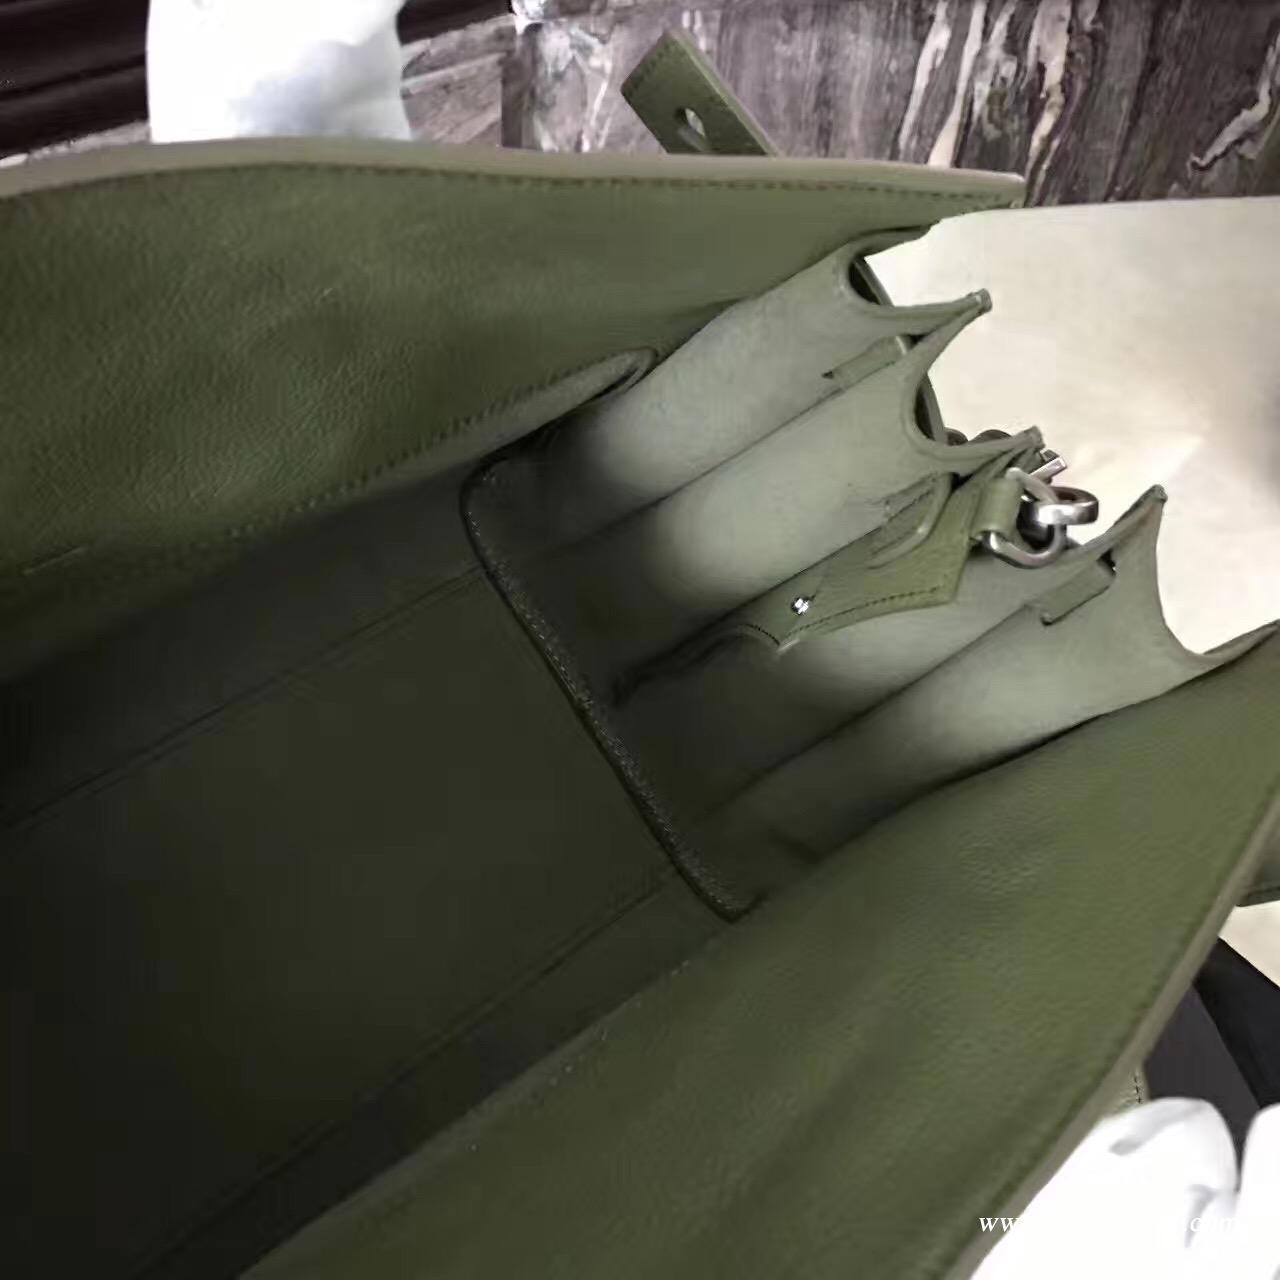 聖羅蘭YSL 小号柔和质地SAC DE JOUR包 颗粒纹绿色真皮包